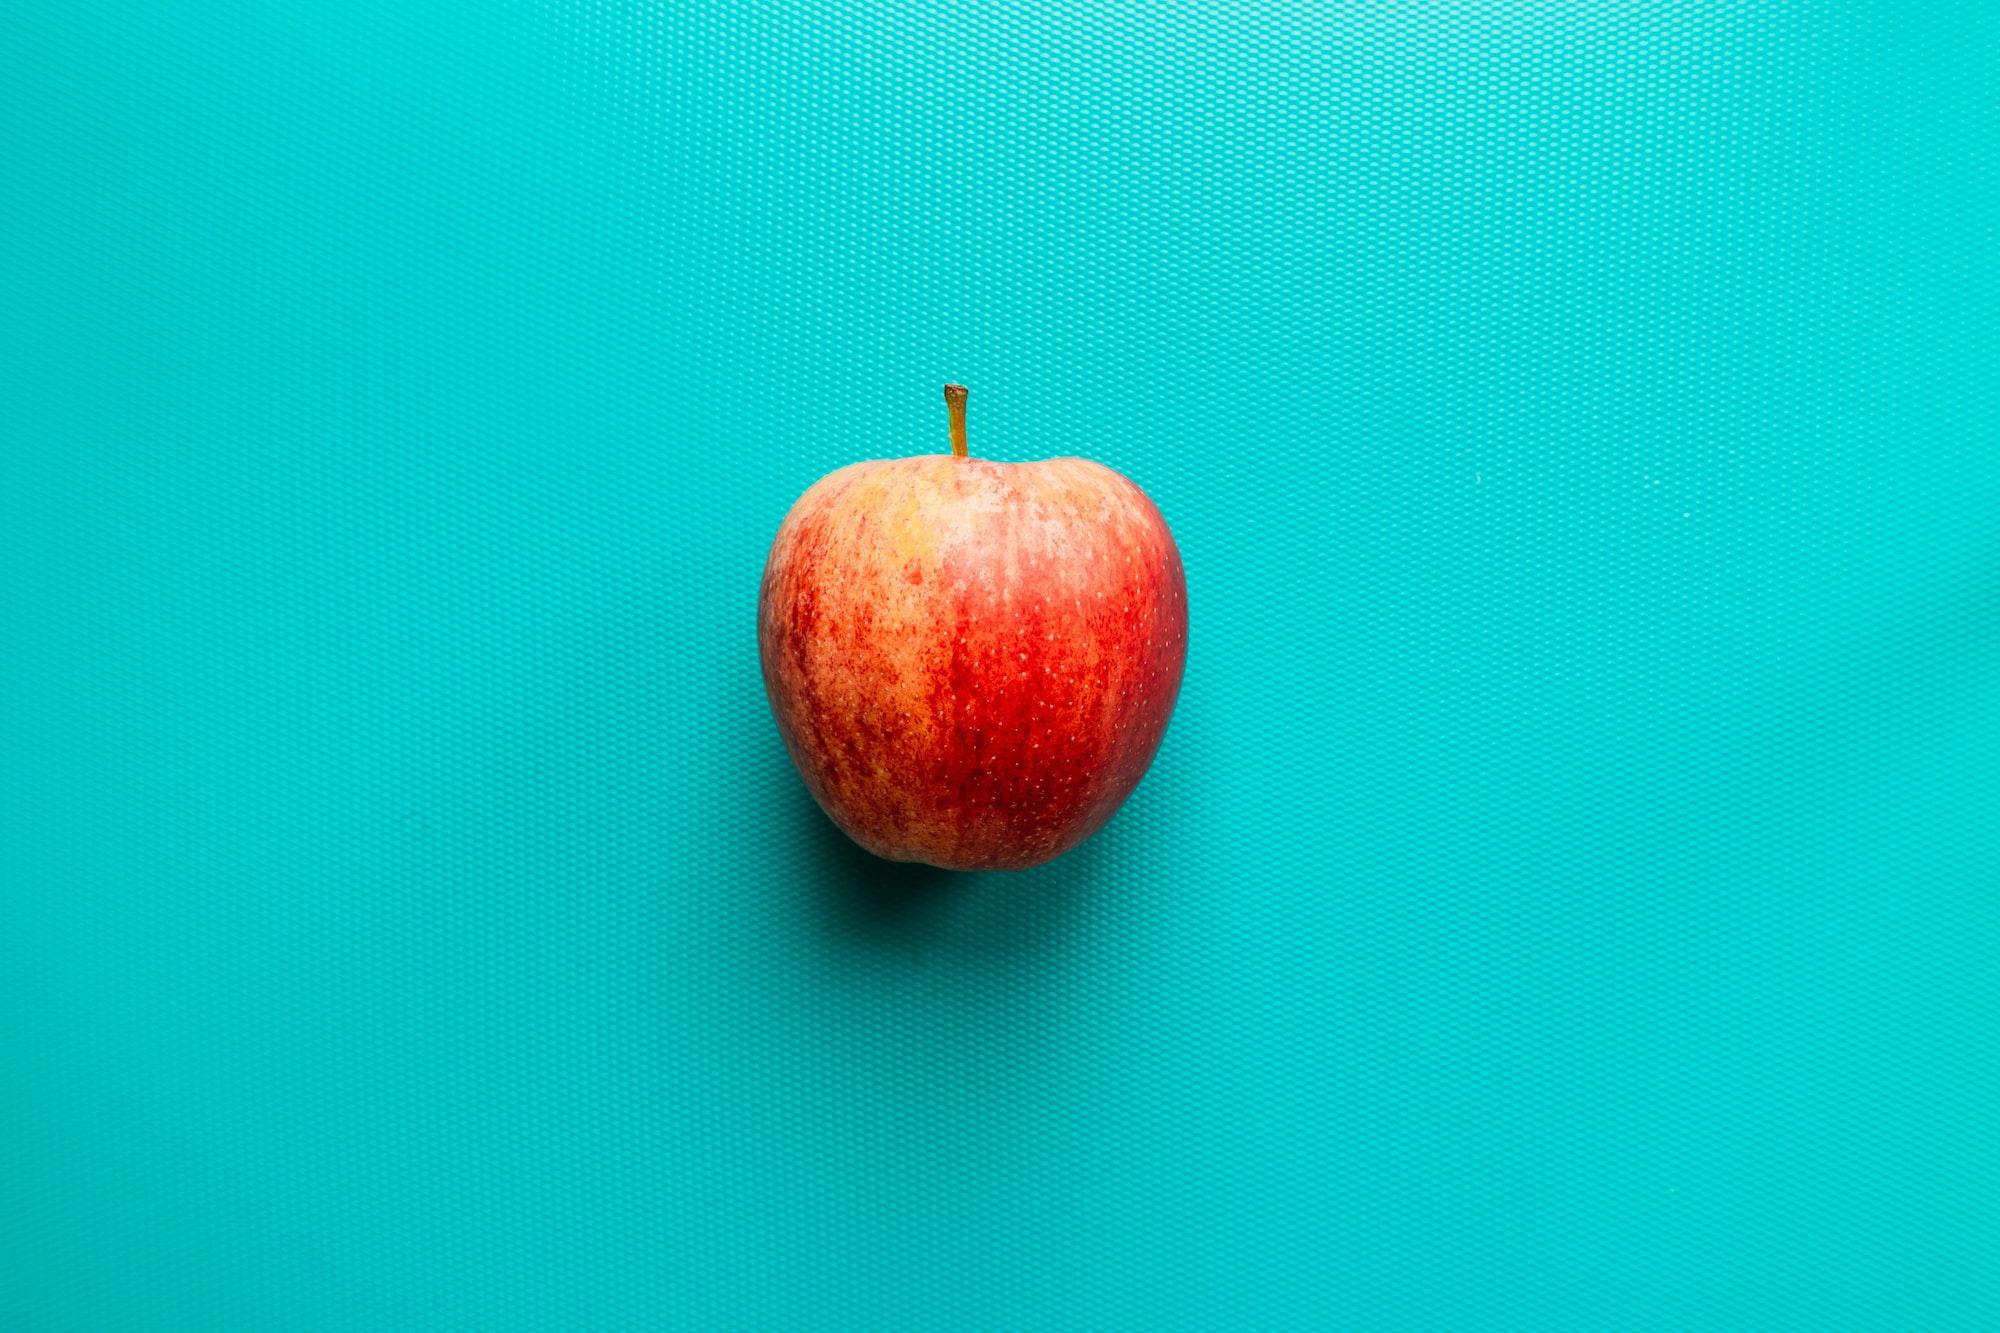 La plus grande leçon de marketing que Steve Jobs nous ait enseignée